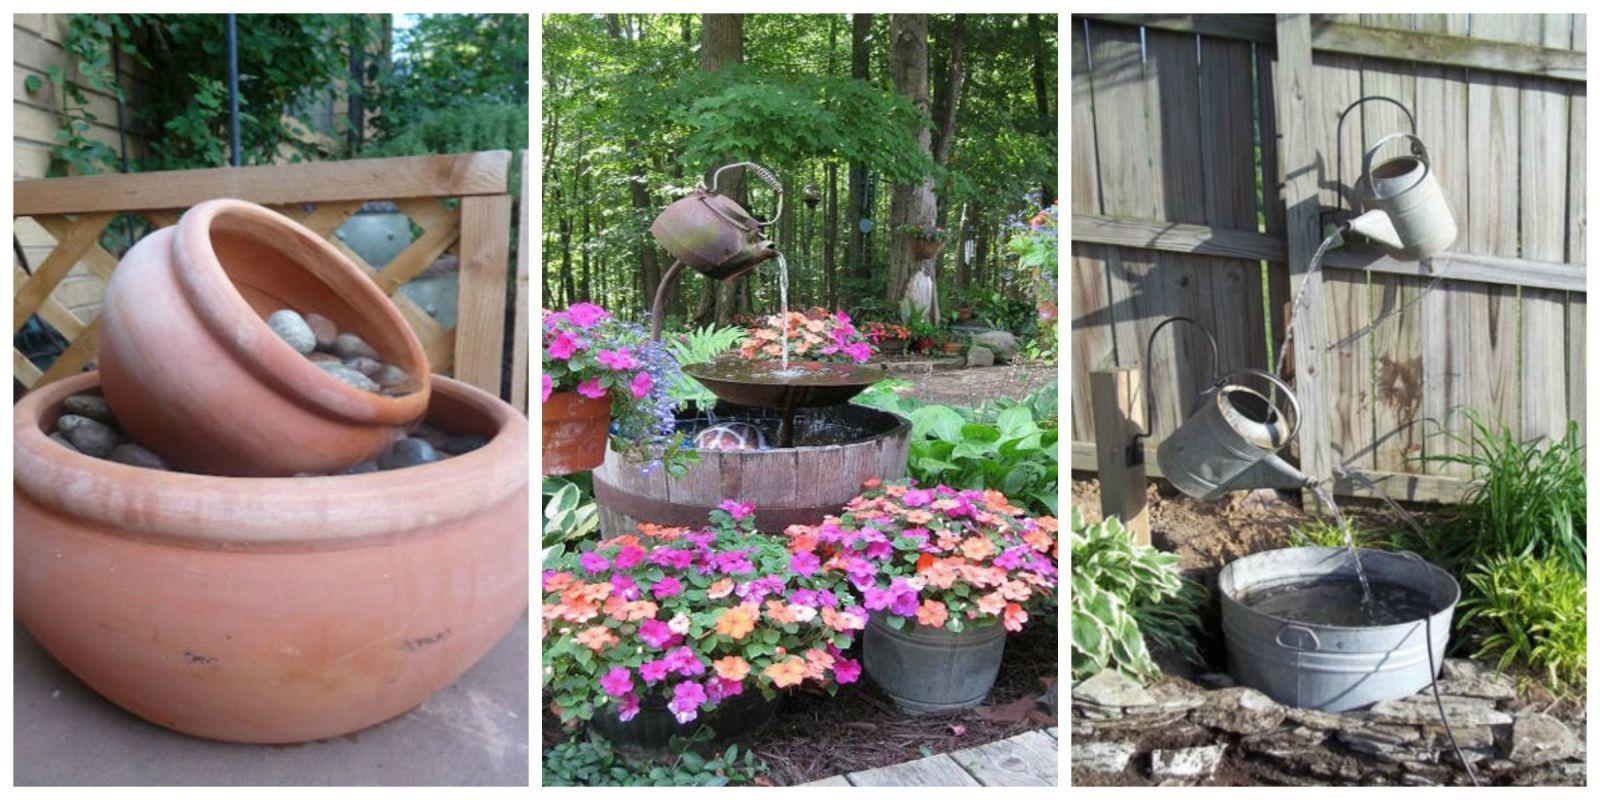 15 DIY Outdoor Fountain Ideas - How To Make a Garden ... on Home Garden Fountain Design id=88300